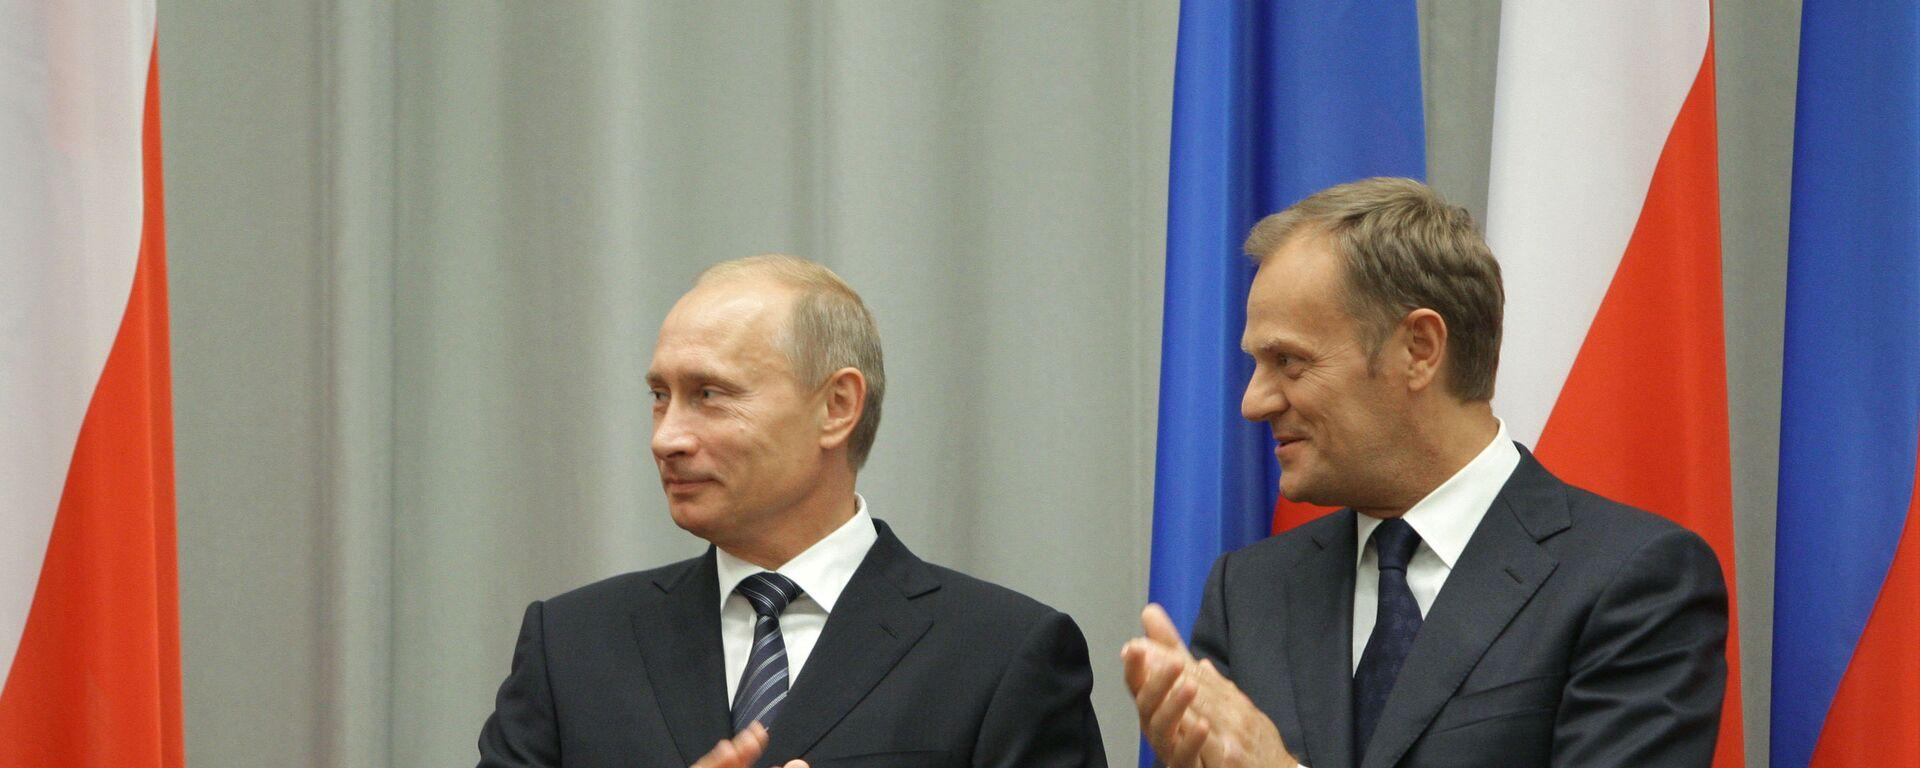 Władimir Putin i Donald Tusk, 1 września 2009 roku. Władimir Putin podczas wizyty roboczej w Polsce. - Sputnik Polska, 1920, 19.07.2021